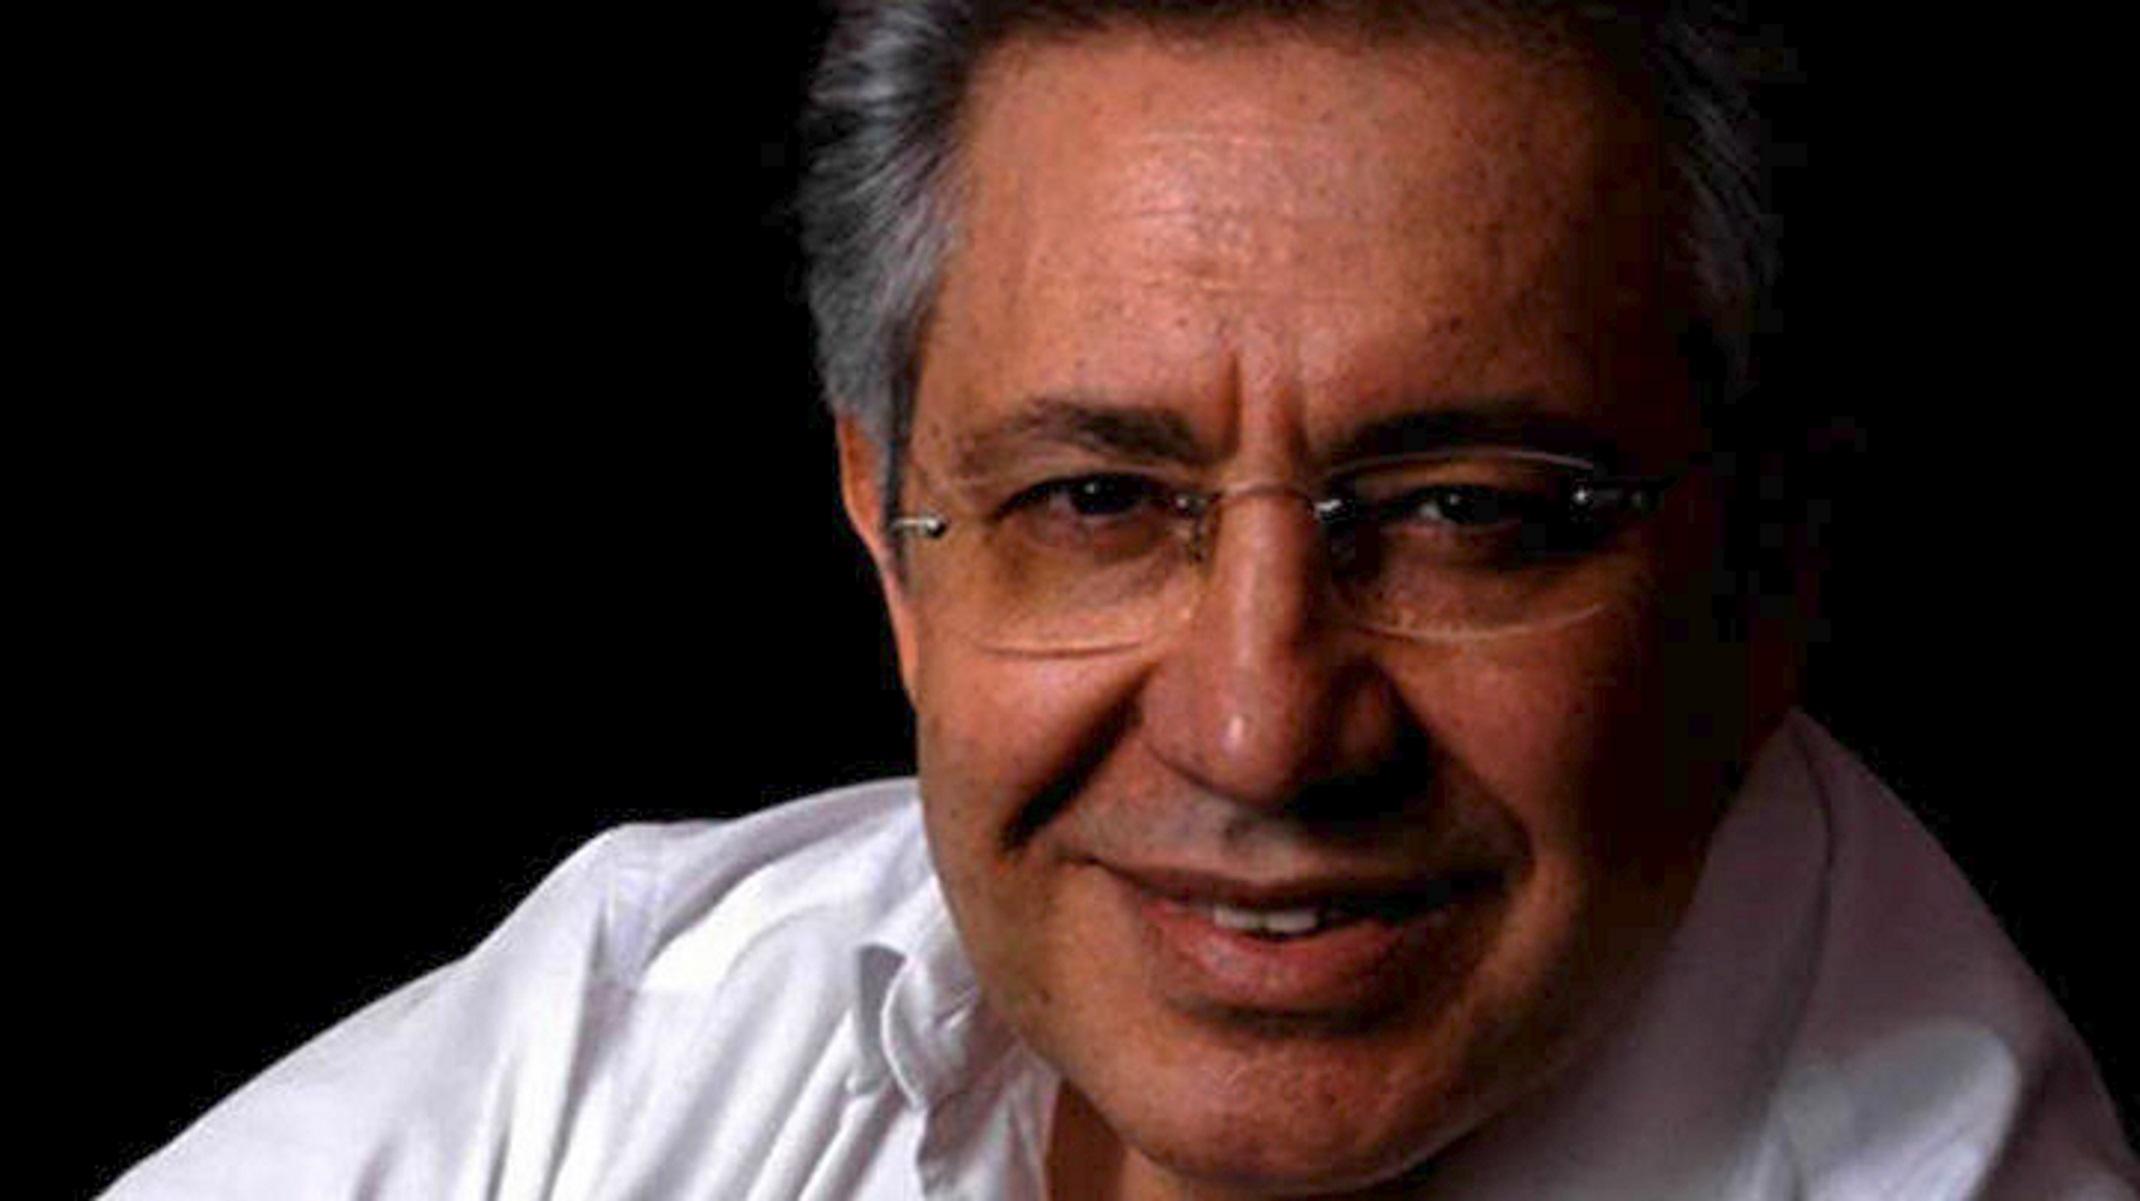 Μίκης Θεοδωράκης – Ζουλφού Λιβανελί: «Βαθύς ο πόνος από τον θάνατο του μεγάλου Έλληνα φίλου»